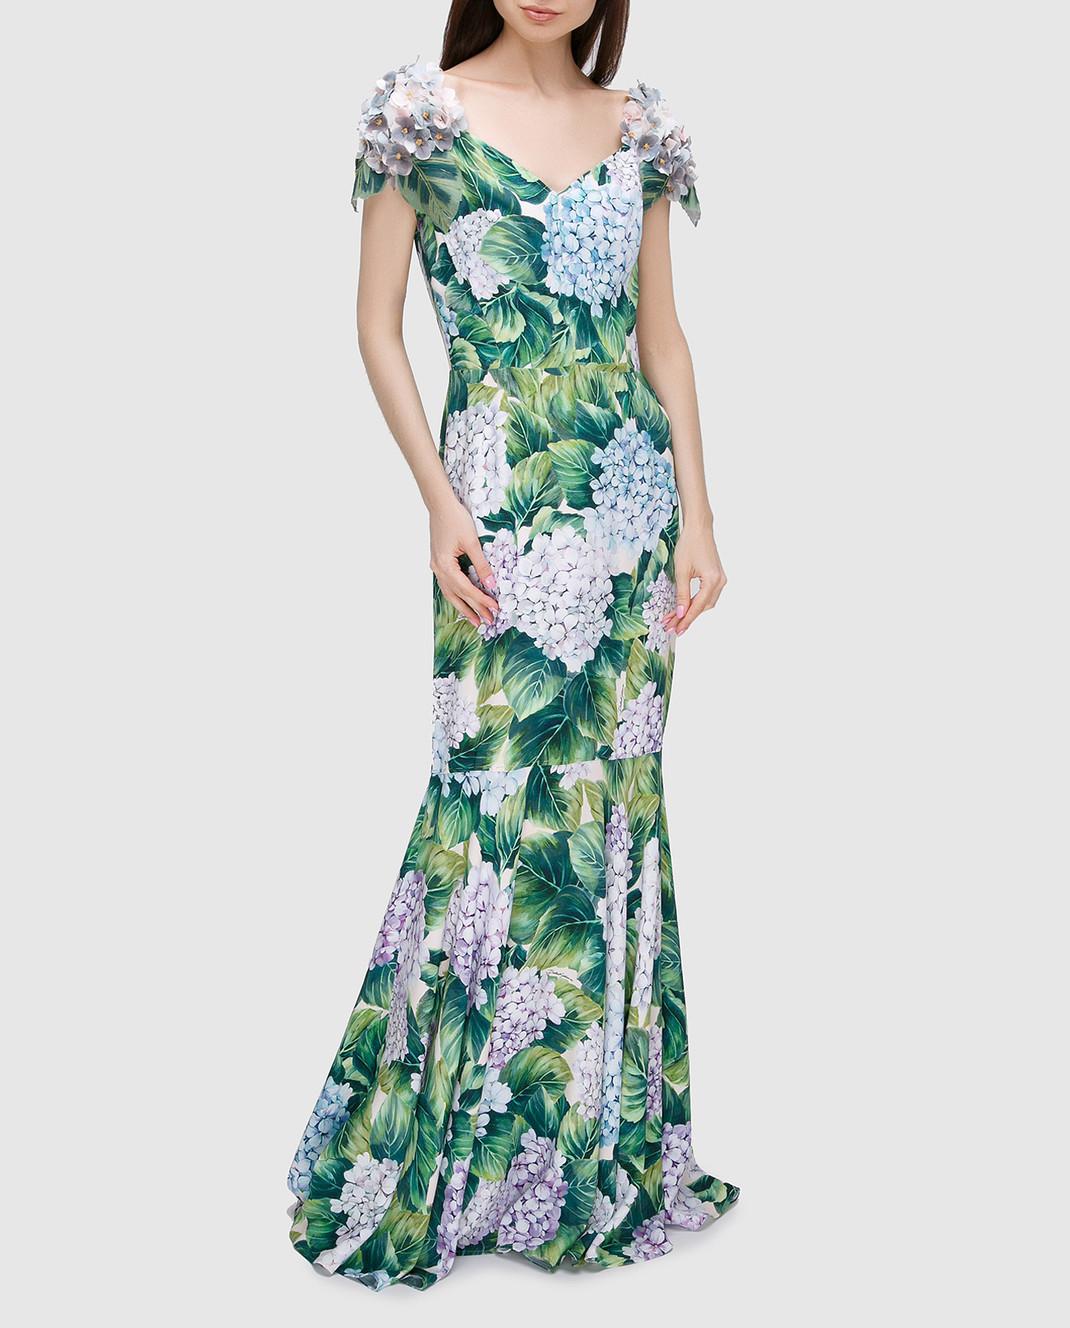 Dolce&Gabbana Зеленое платье изображение 2